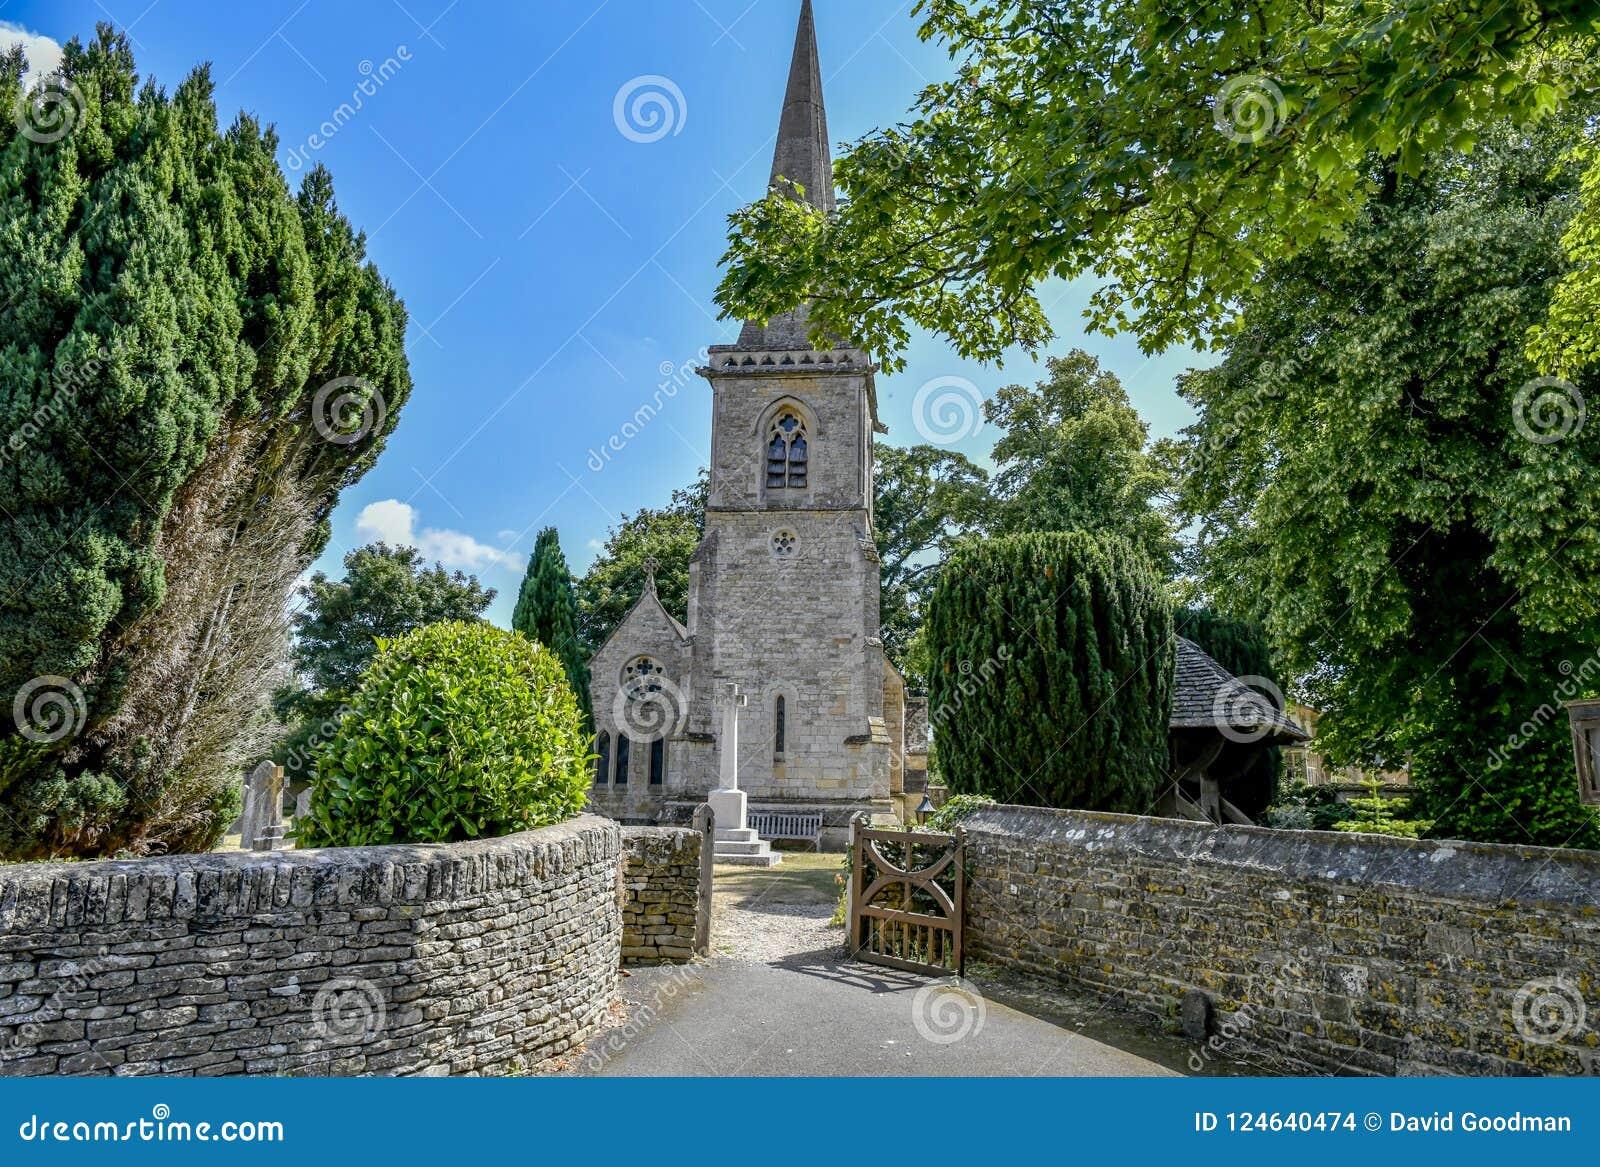 降低屠杀, COTSWOLDS,格洛斯特郡,英国Cotswold石头村庄在夏天下午阳光下